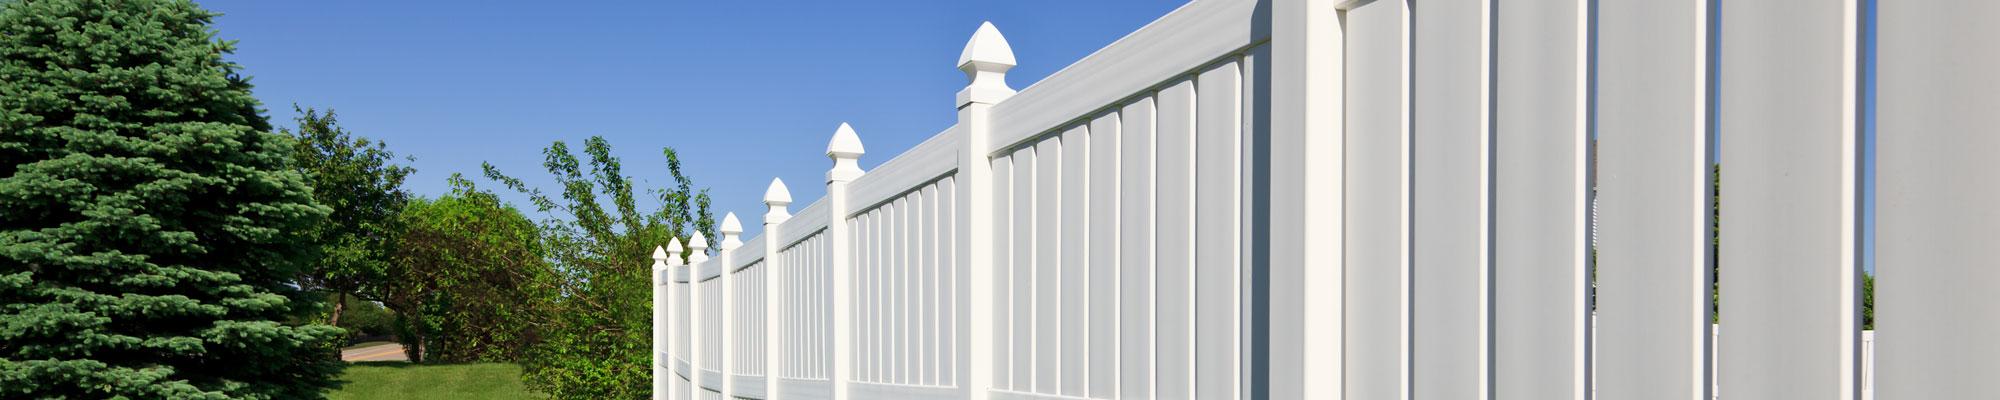 Pvc Vinyl Fences Total Fencingtotal Fencing